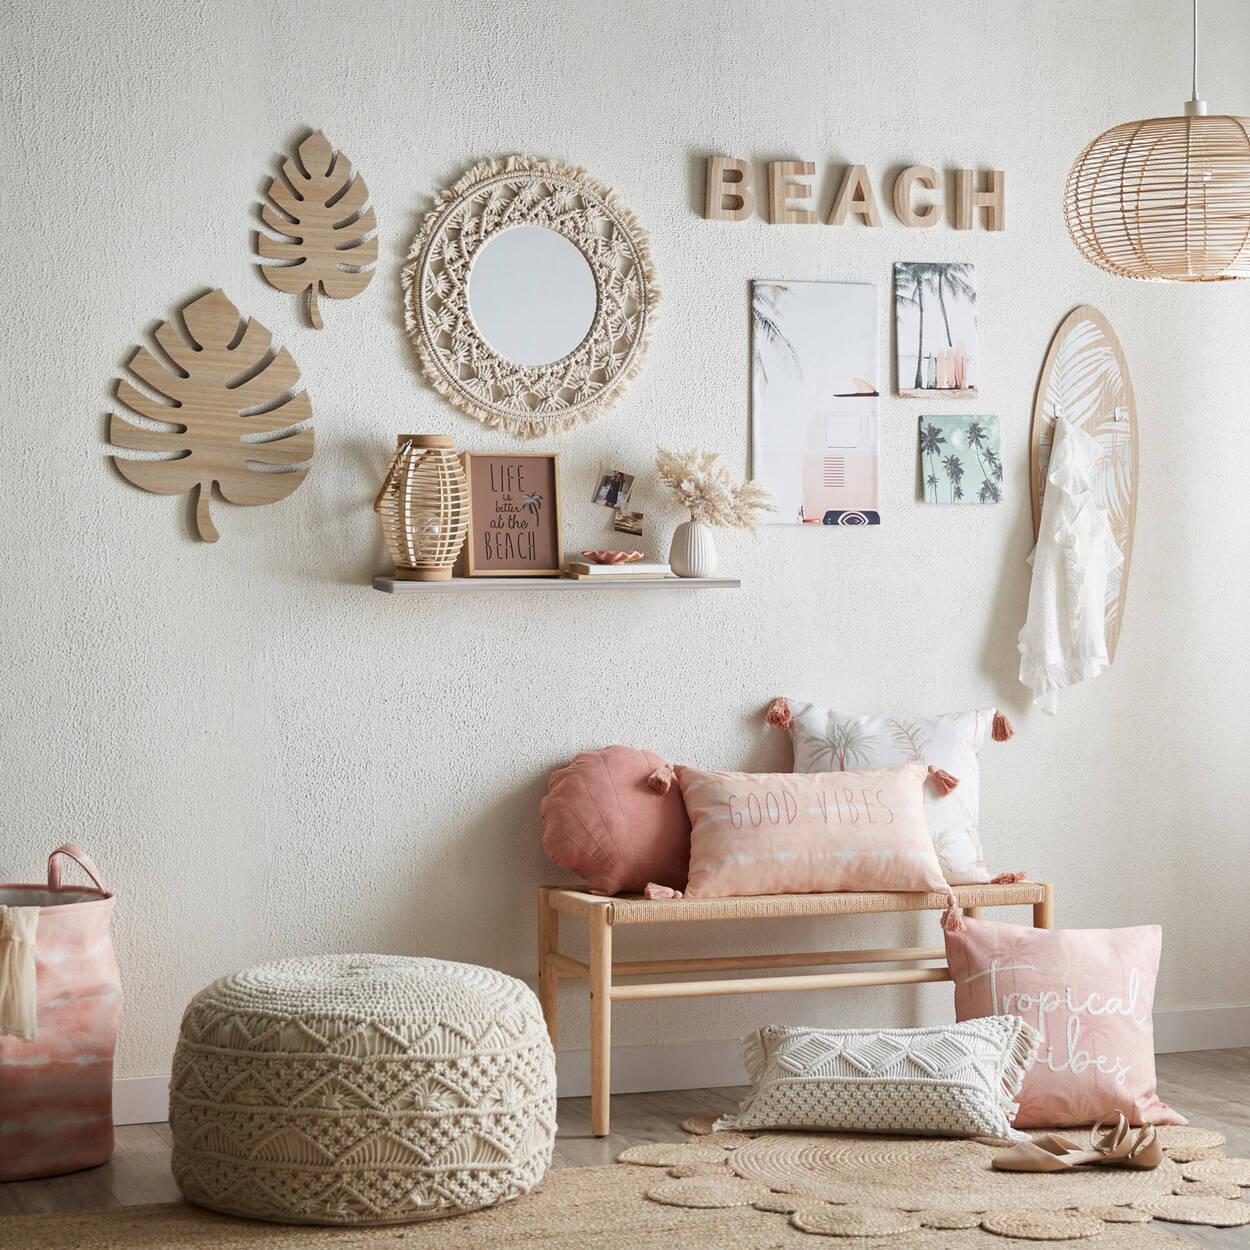 Wooden Decorative Word Beach